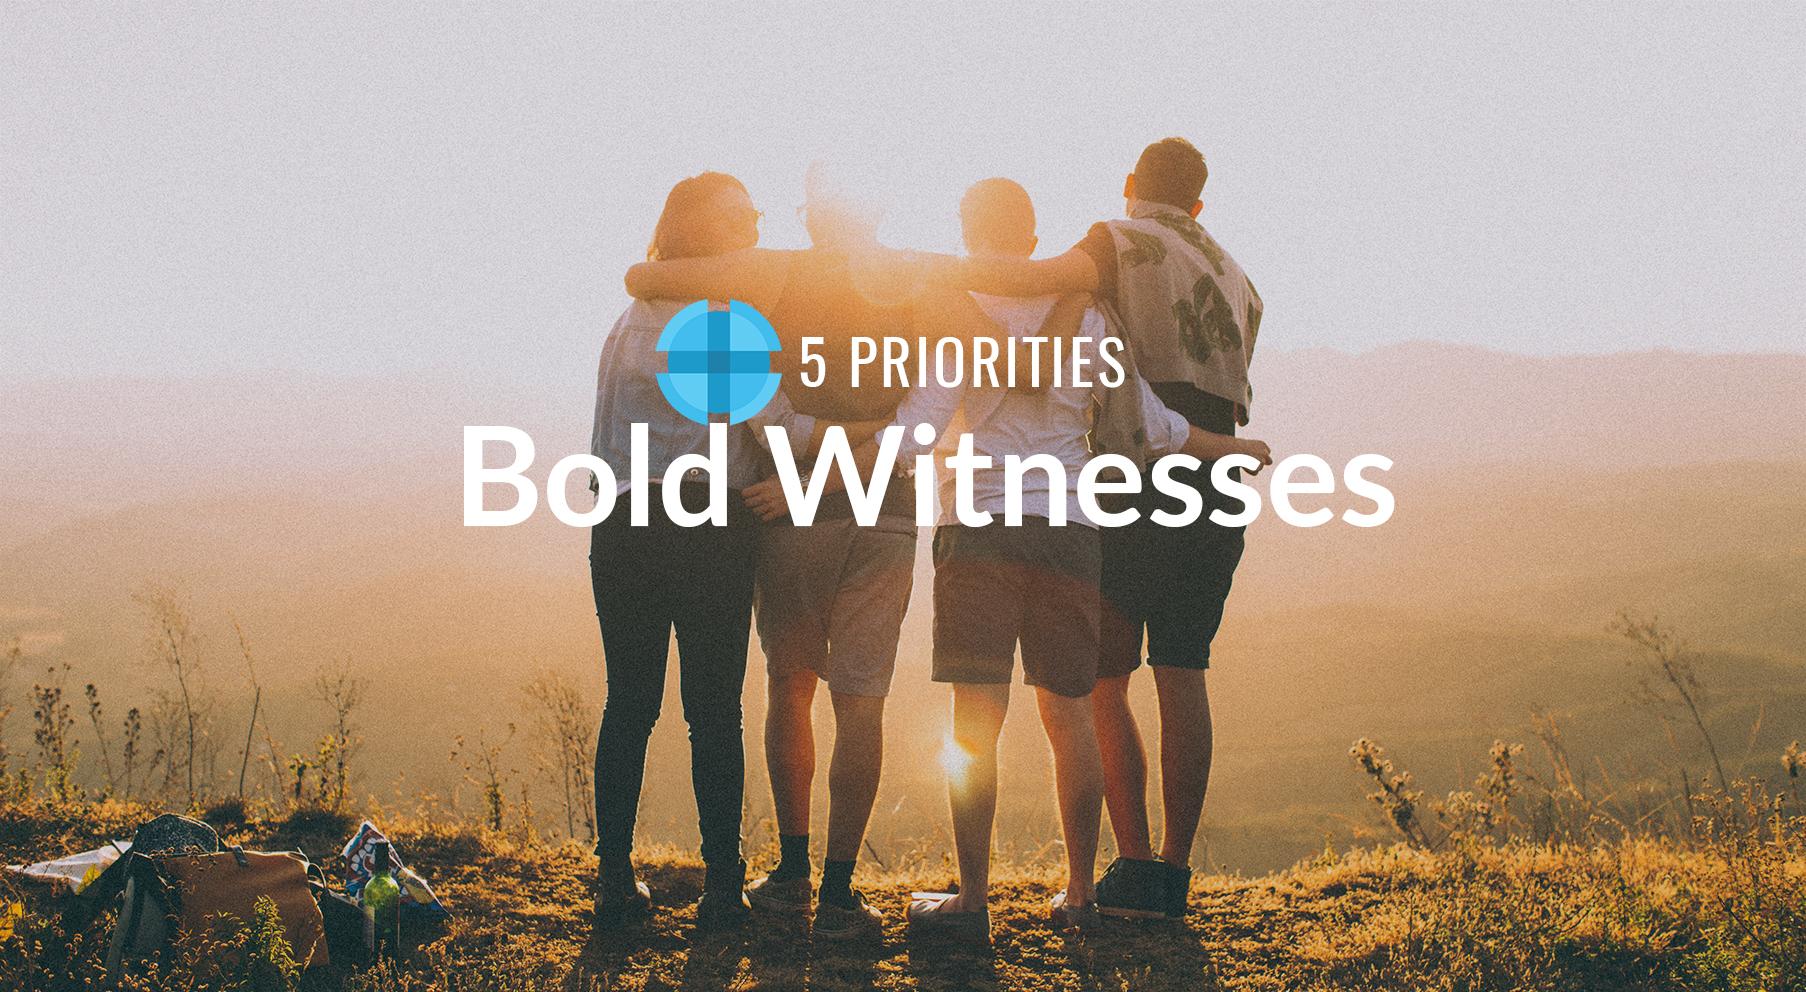 bold witnesses-fb header.jpg